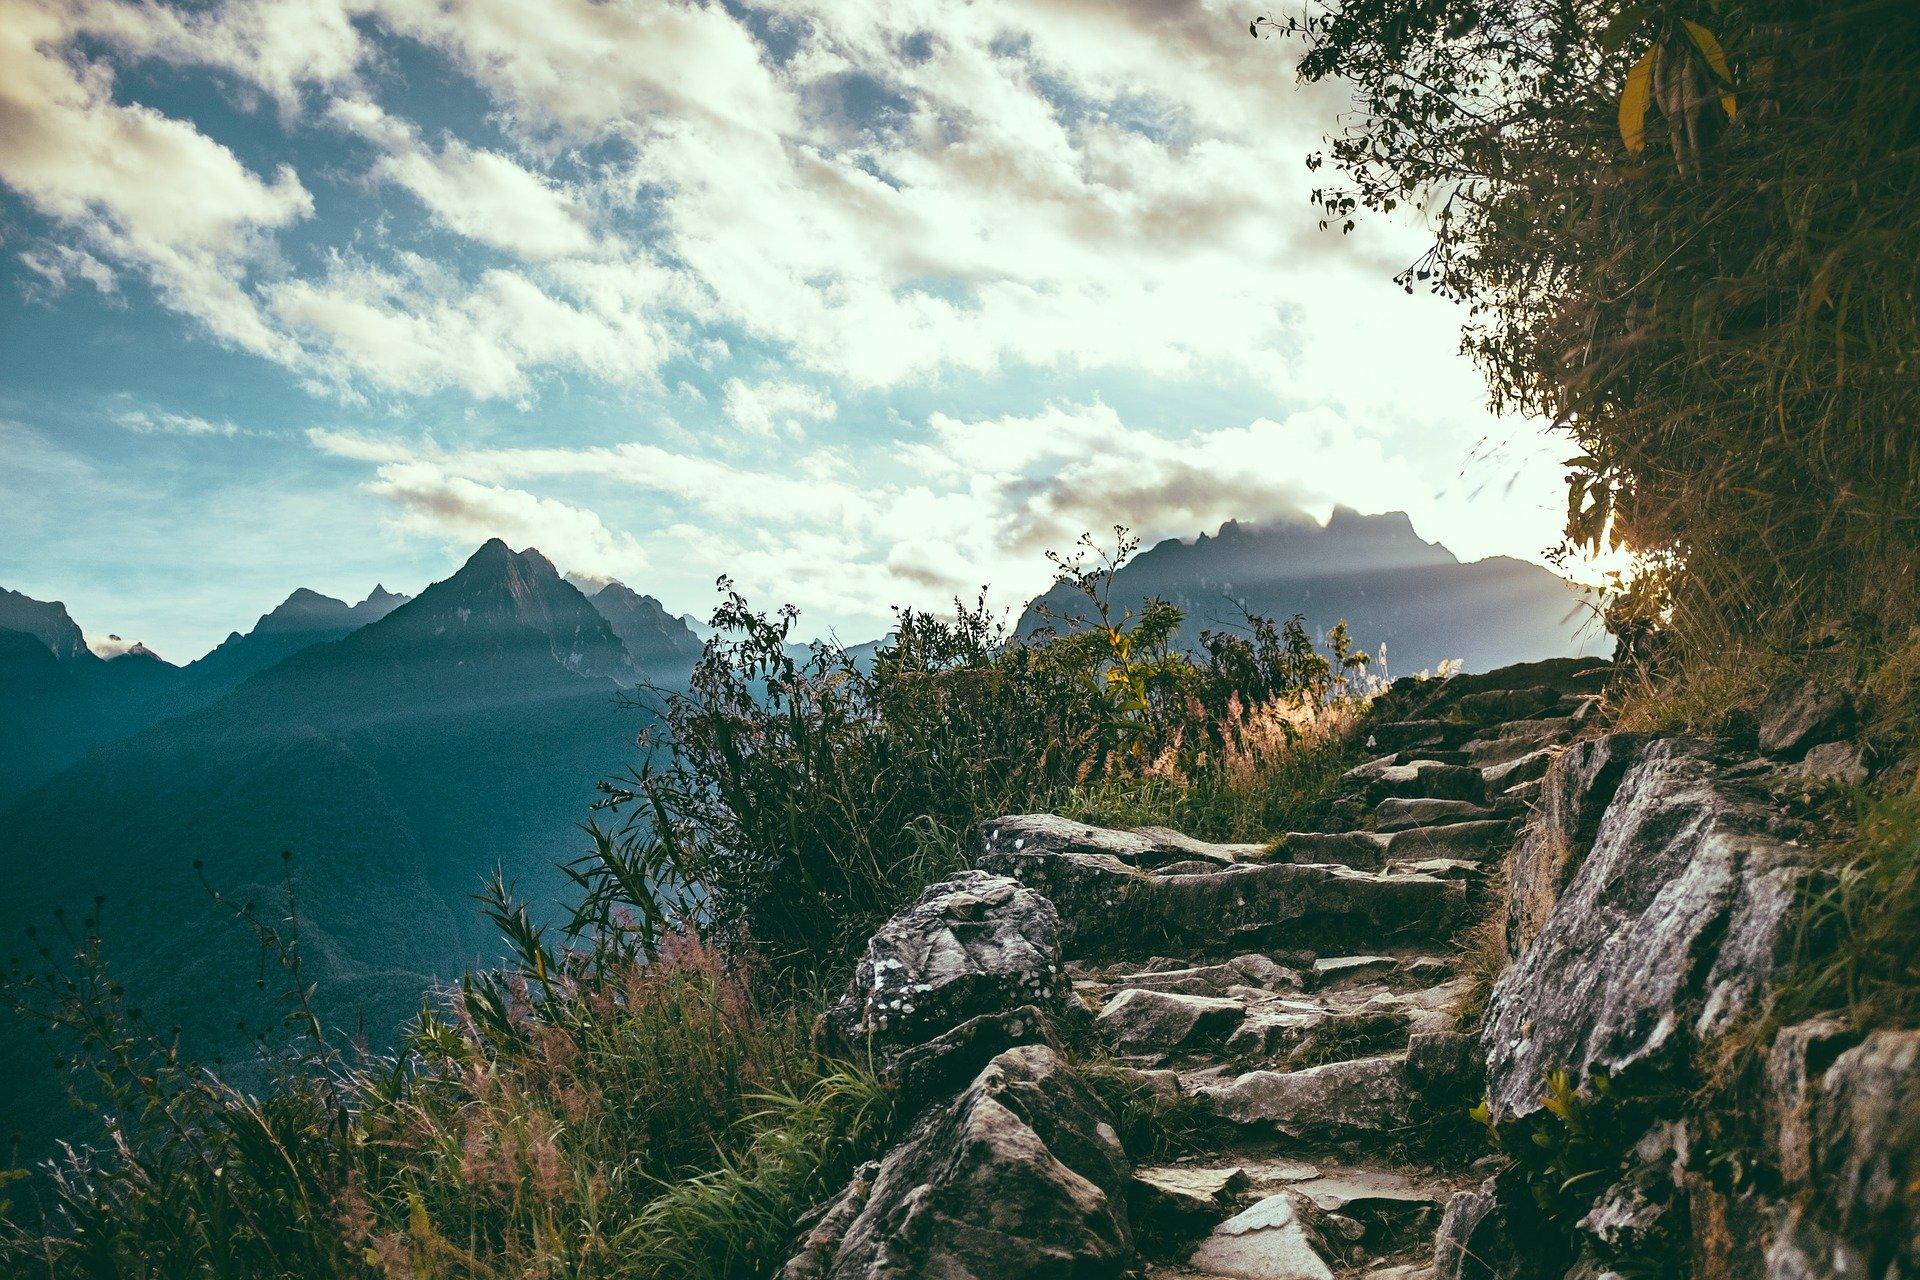 Hintergrundbild - Berg mit Weg